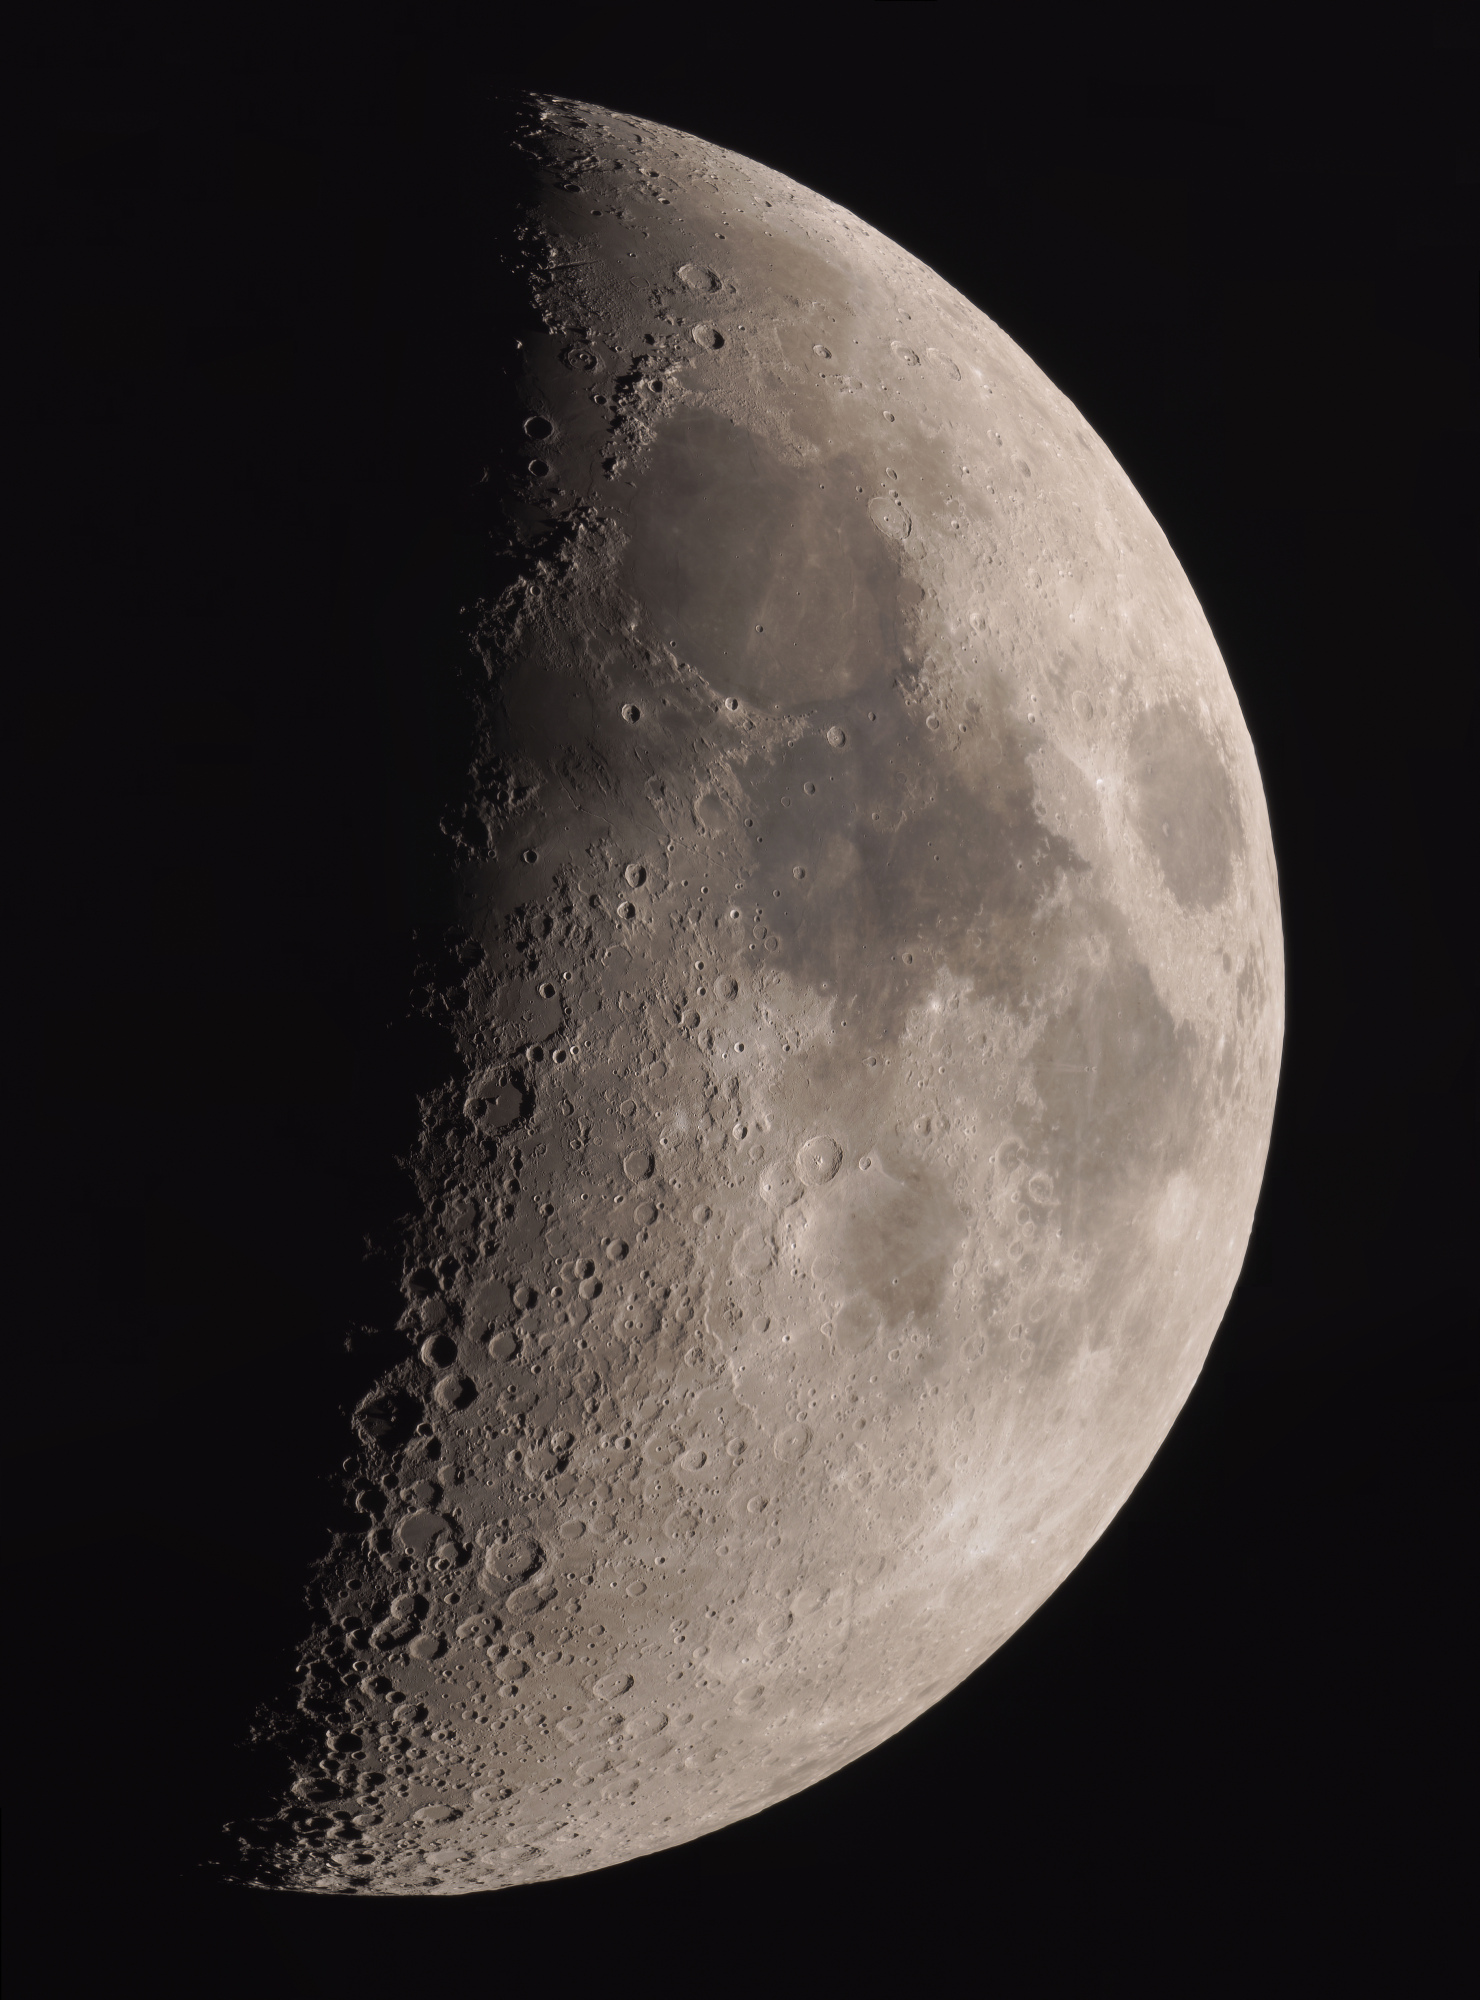 5ed8110abb9de_lune290520(T250-B2x-A7s-70).thumb.jpg.d3c6c17dfb083afedc06d5e4b3fed0d2.jpg